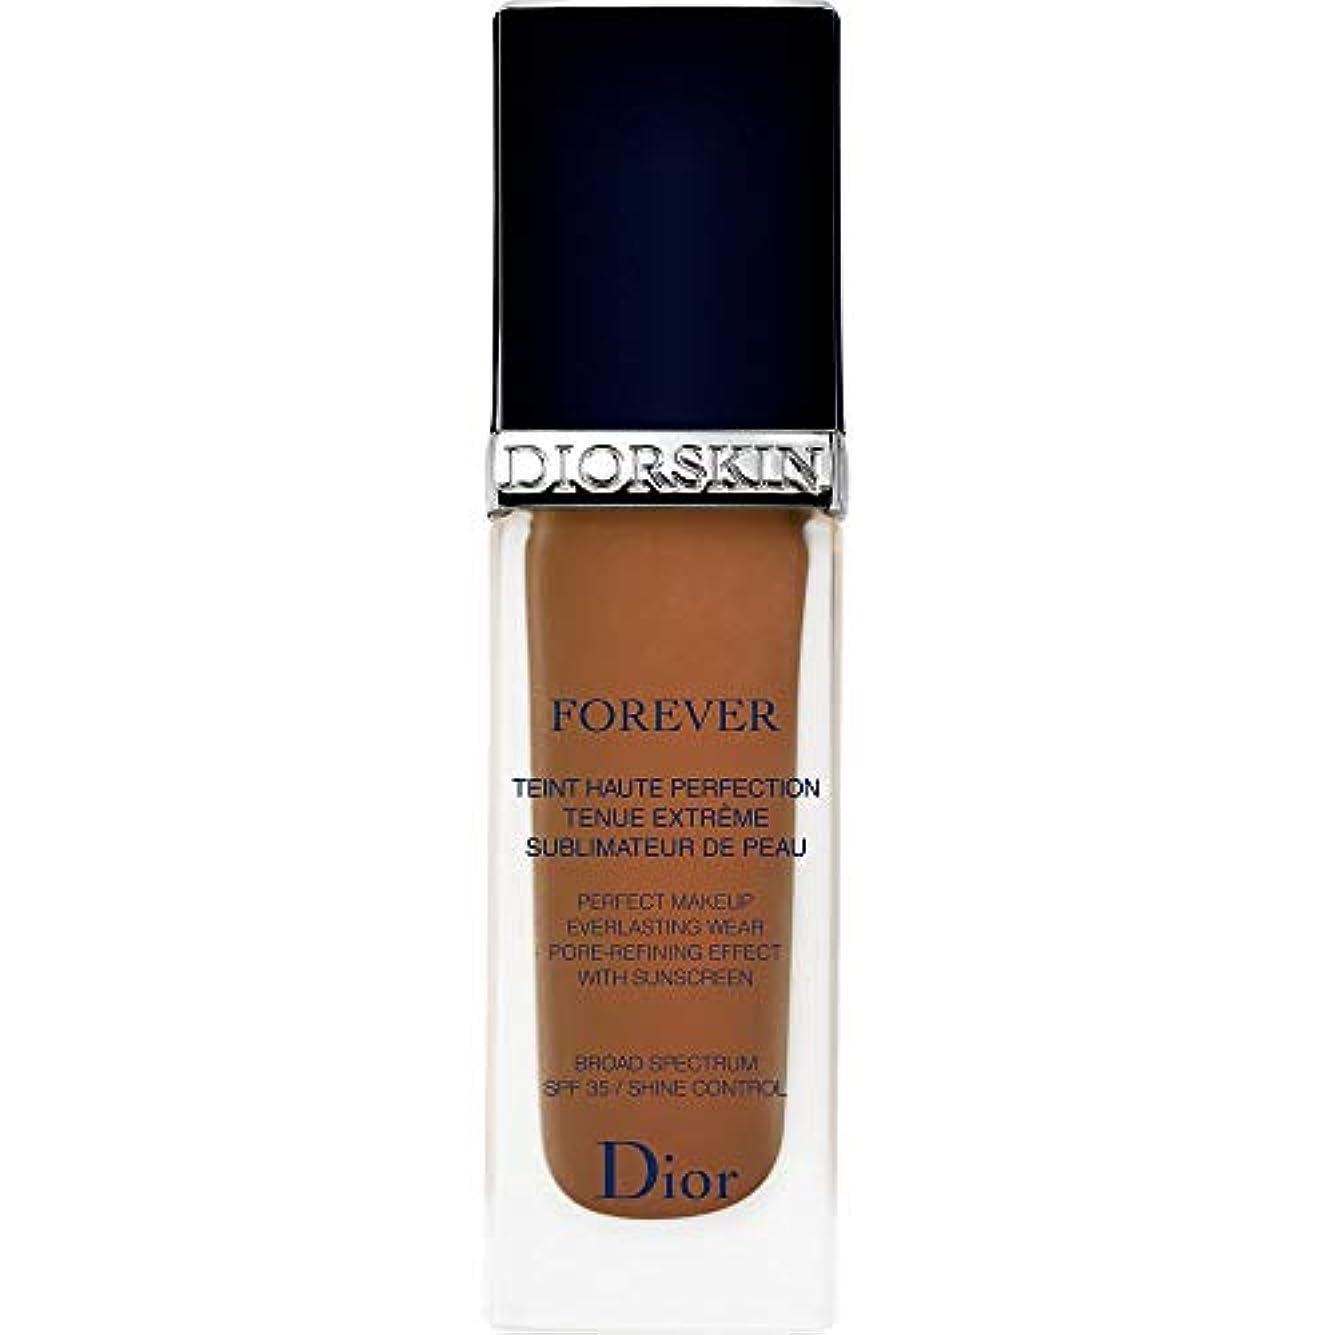 自動化快適フィヨルド[Dior ] ディオールディオールスキン永遠基礎Spf35 30ミリリットル070 - ダークブラウン - DIOR Diorskin Forever Foundation SPF35 30ml 070 - Dark...